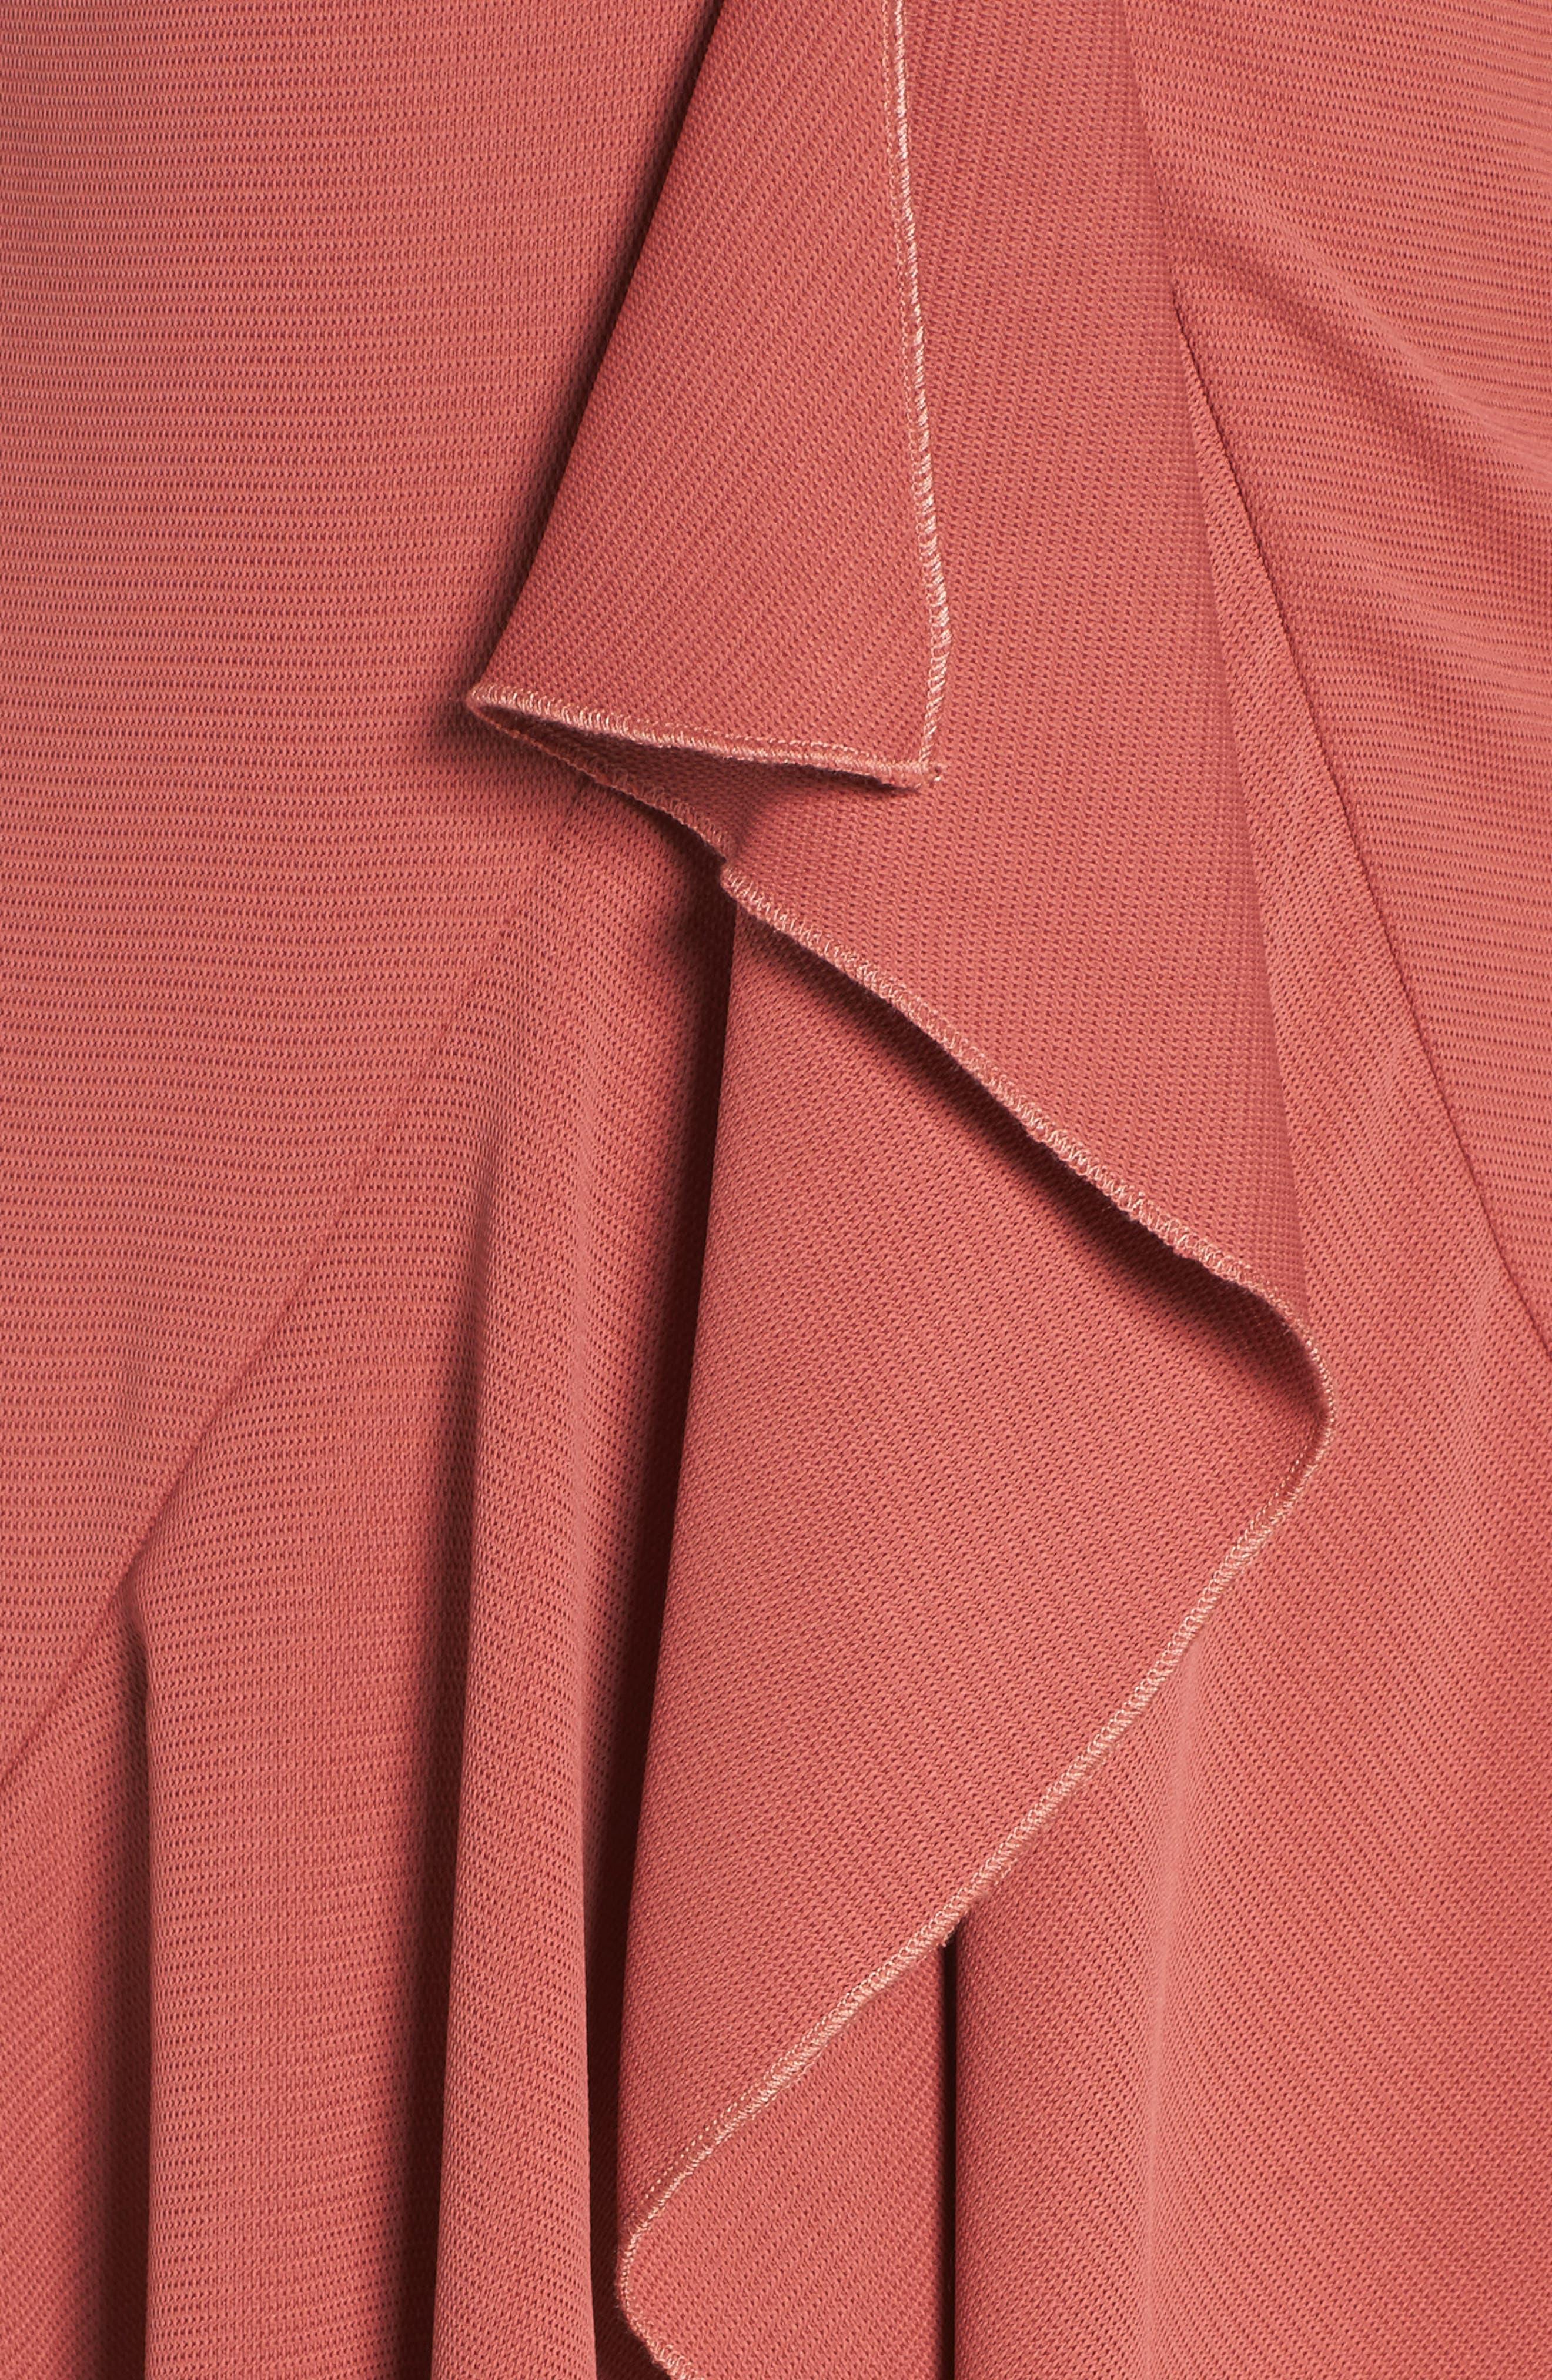 Gossamer Asymmetrical Ruffle Slipdress,                             Alternate thumbnail 10, color,